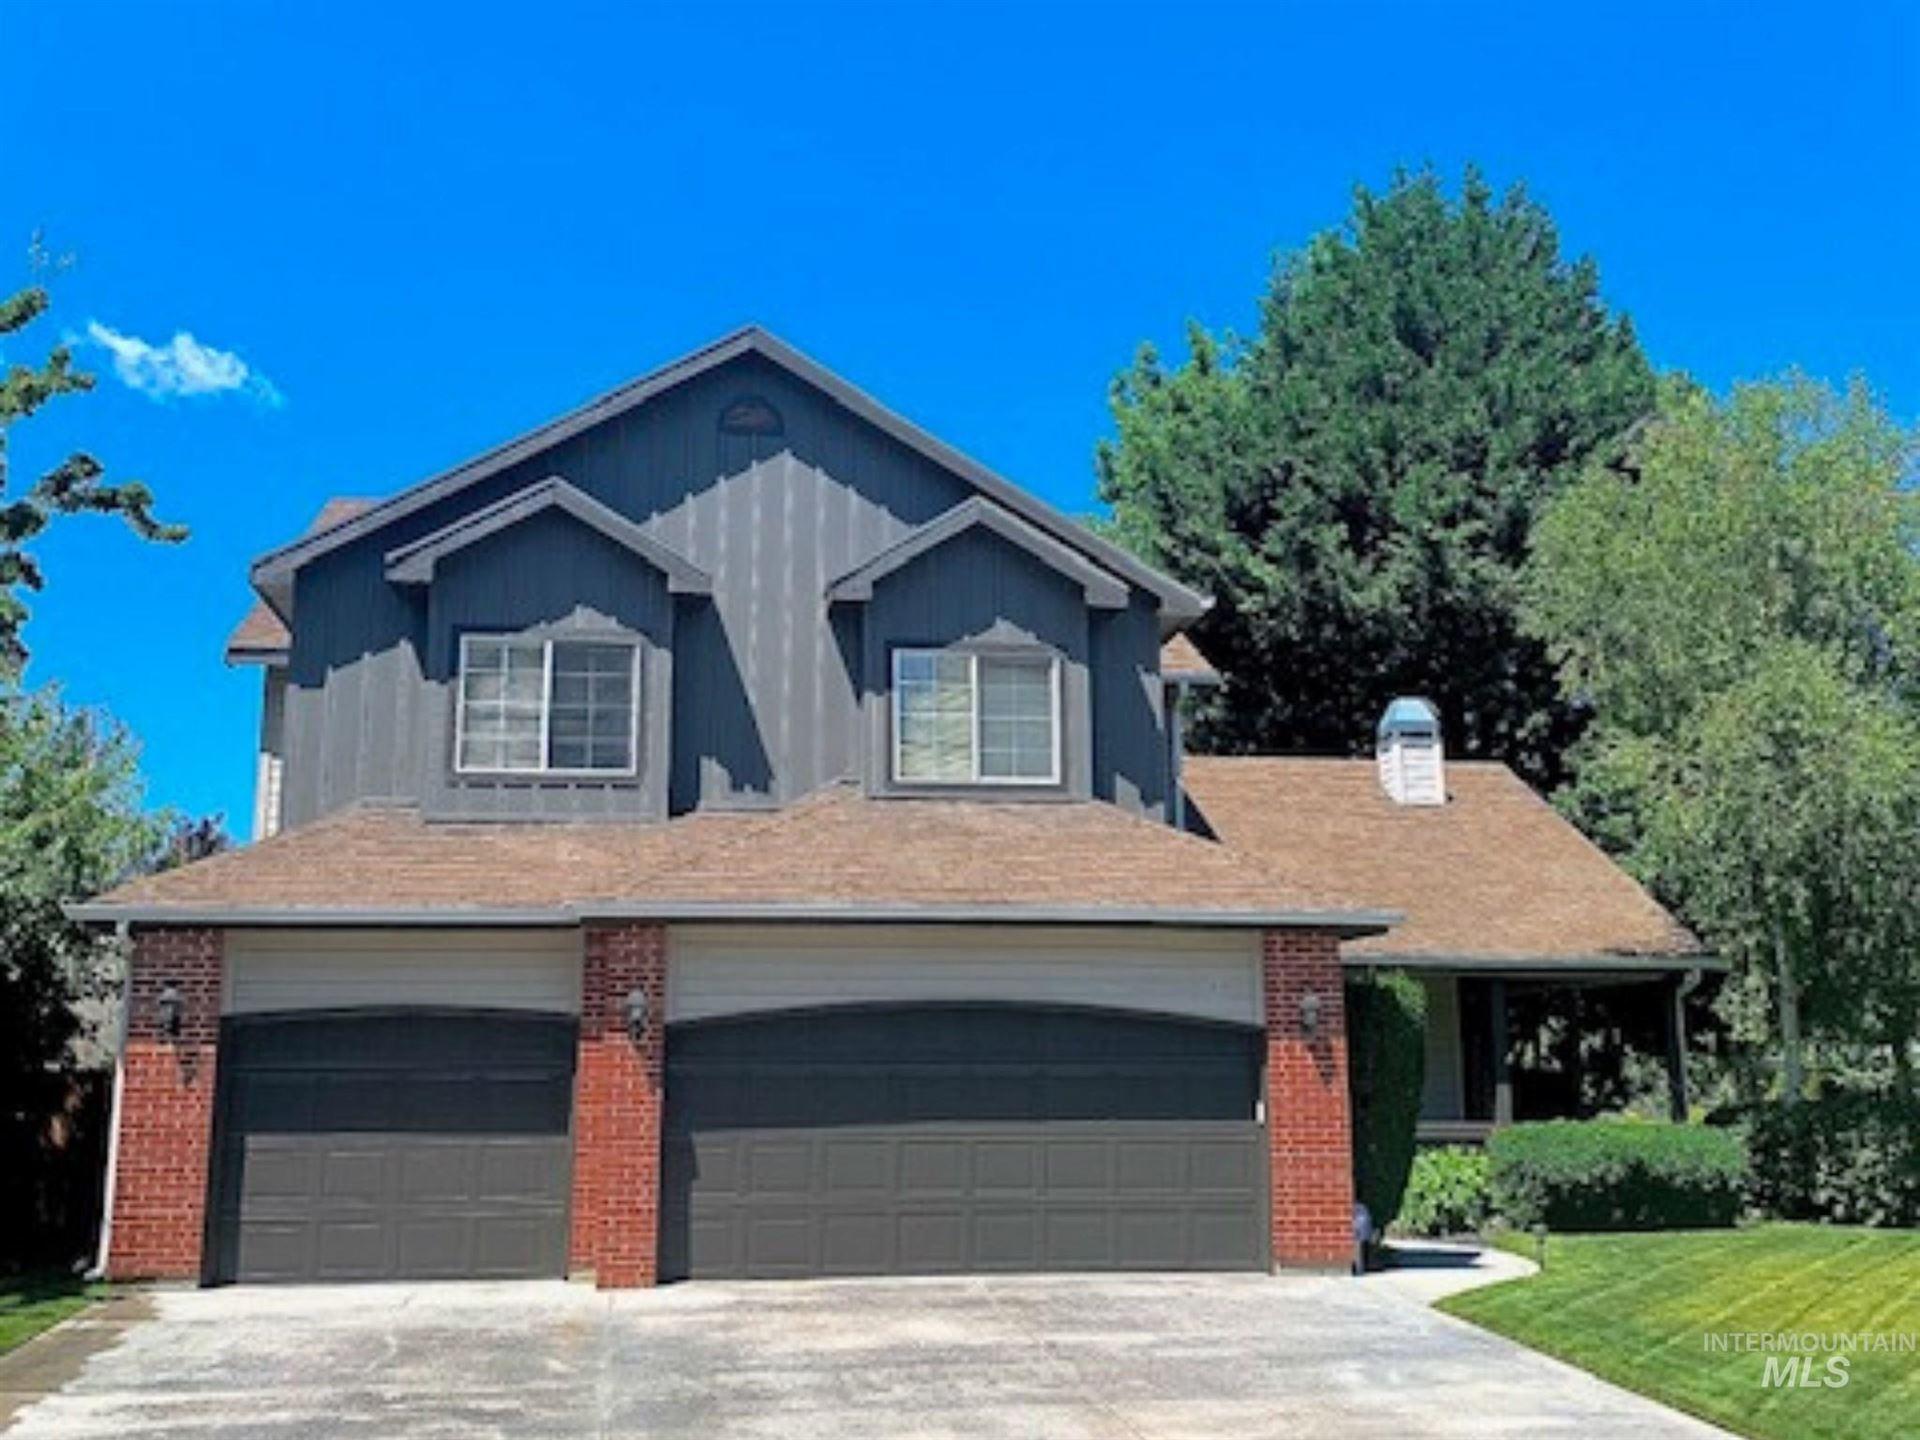 1871 N. Courtney Pl., Boise, ID 83704 - MLS#: 98772384